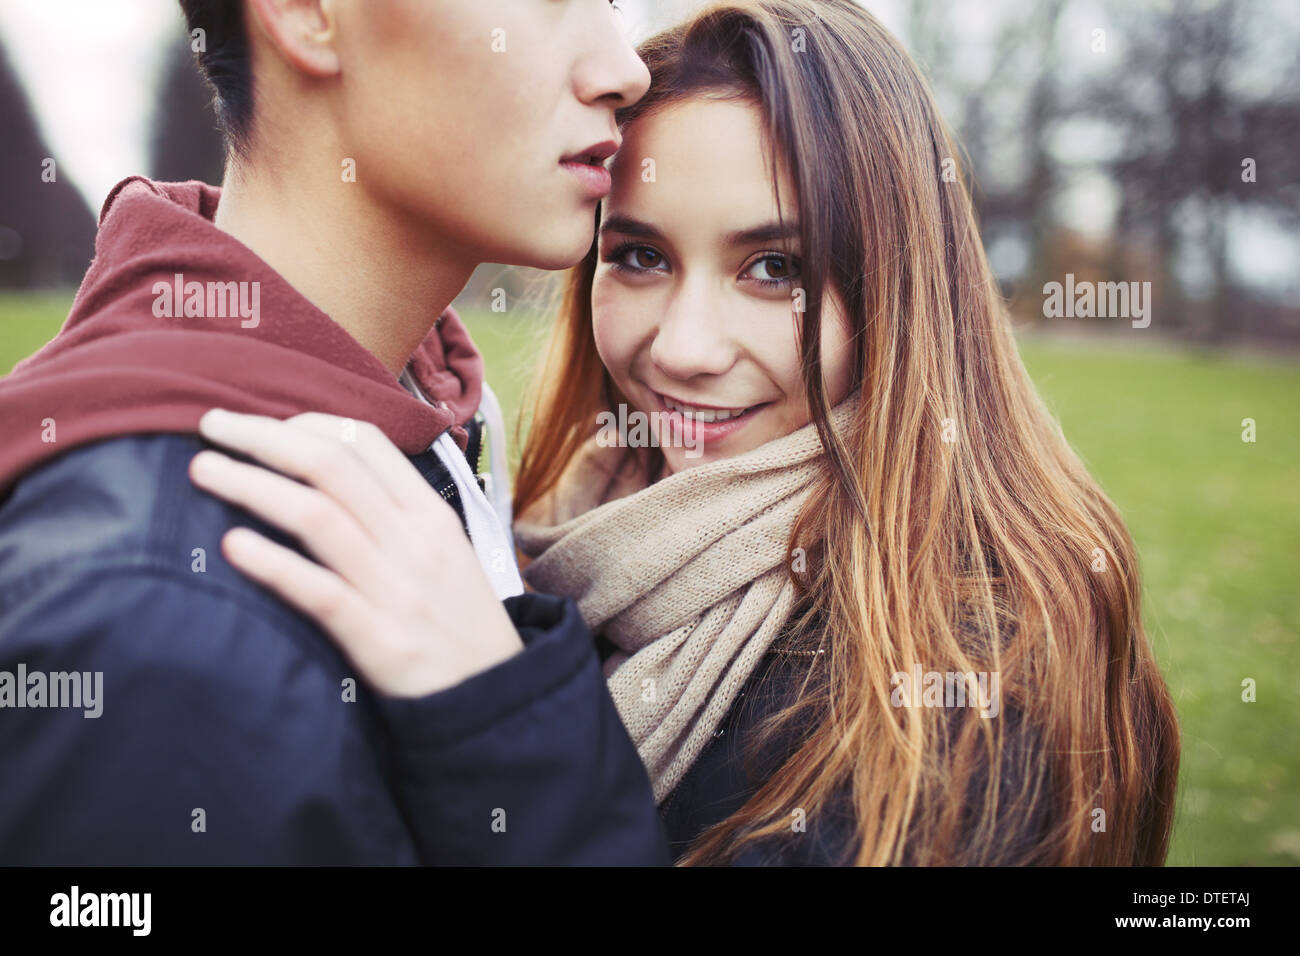 Belle adolescente avec son petit ami en parc. Mixed Race jeune couple dans l'amour à l'extérieur. Photo Stock